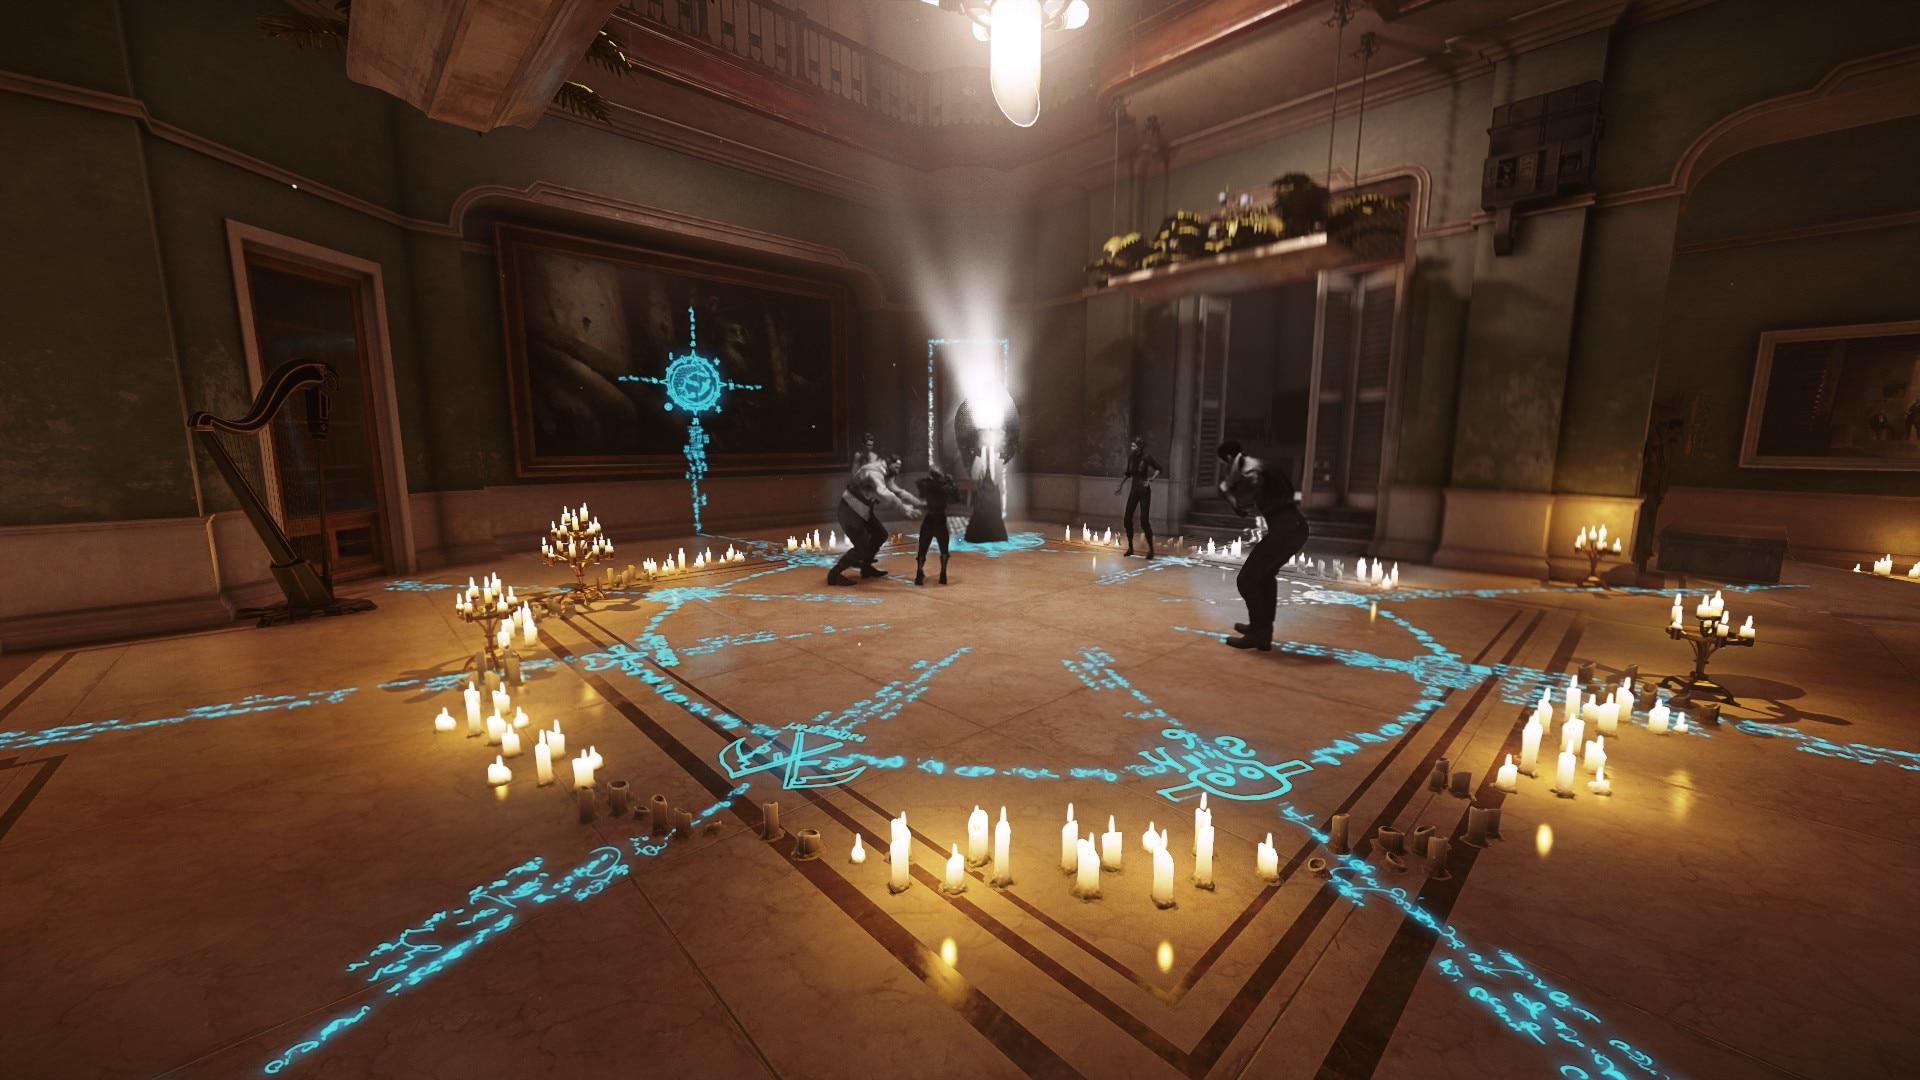 hnjgjk.jpg - Dishonored 2